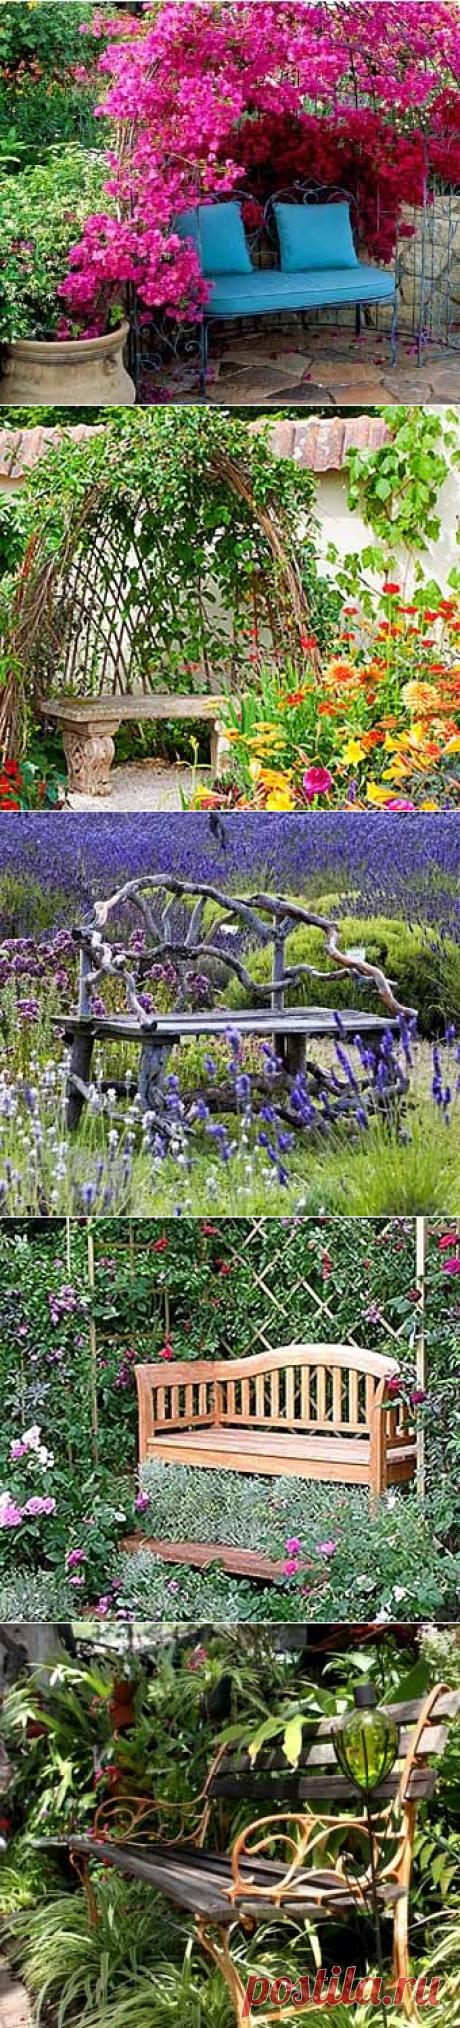 12 идей для дачи: скамейки среди цветов